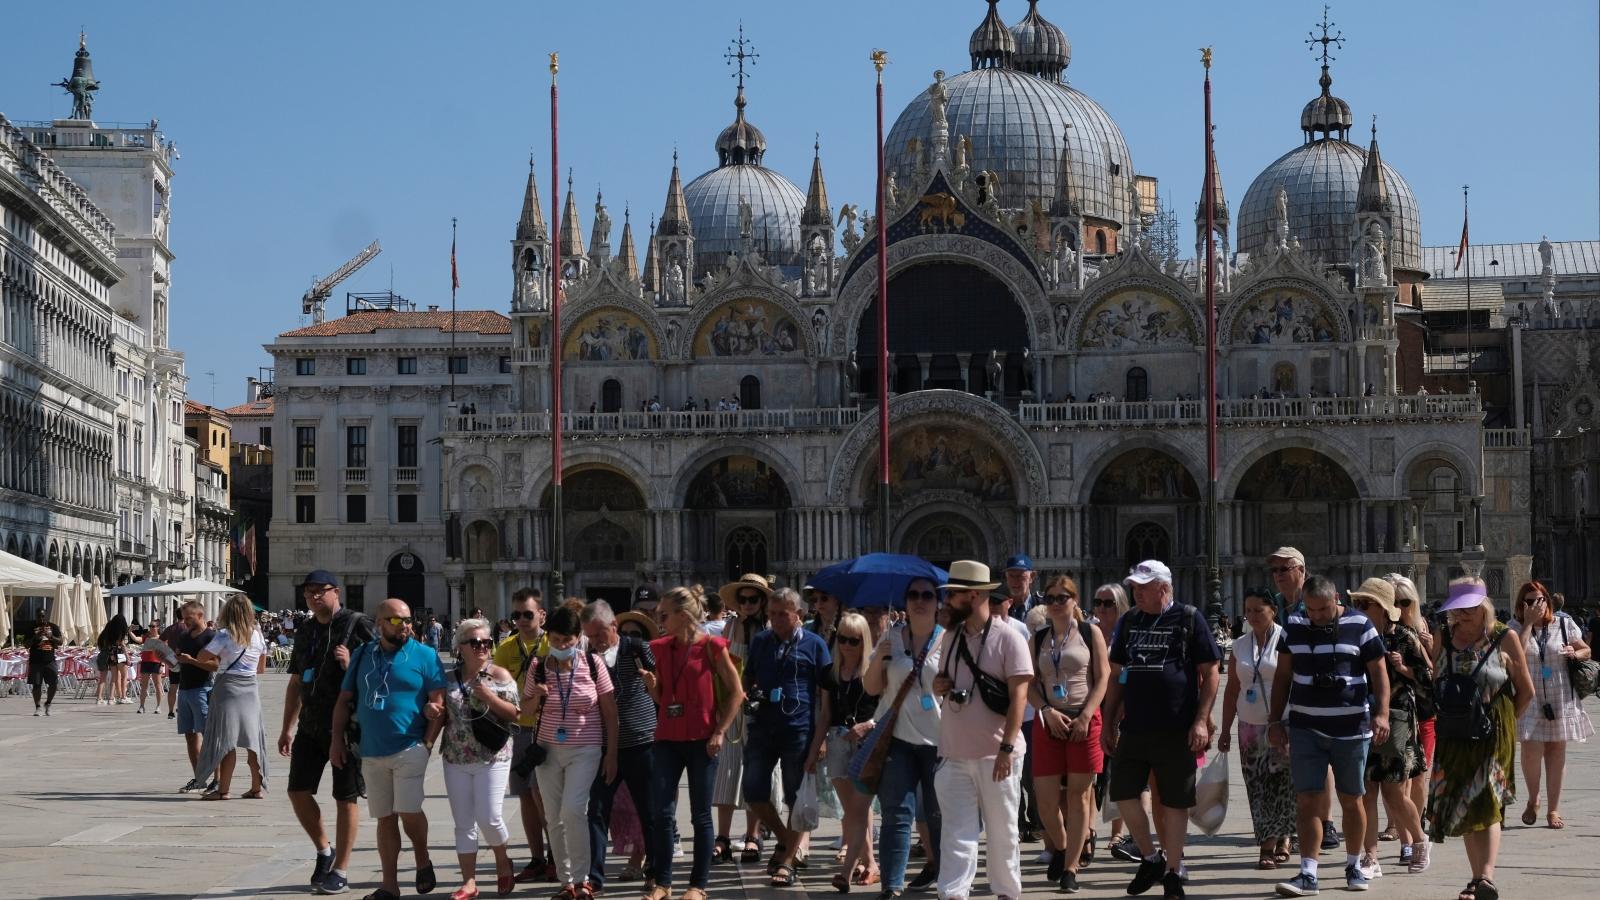 Venice kiểm soát du khách bằng loạt công nghệ hiện đại